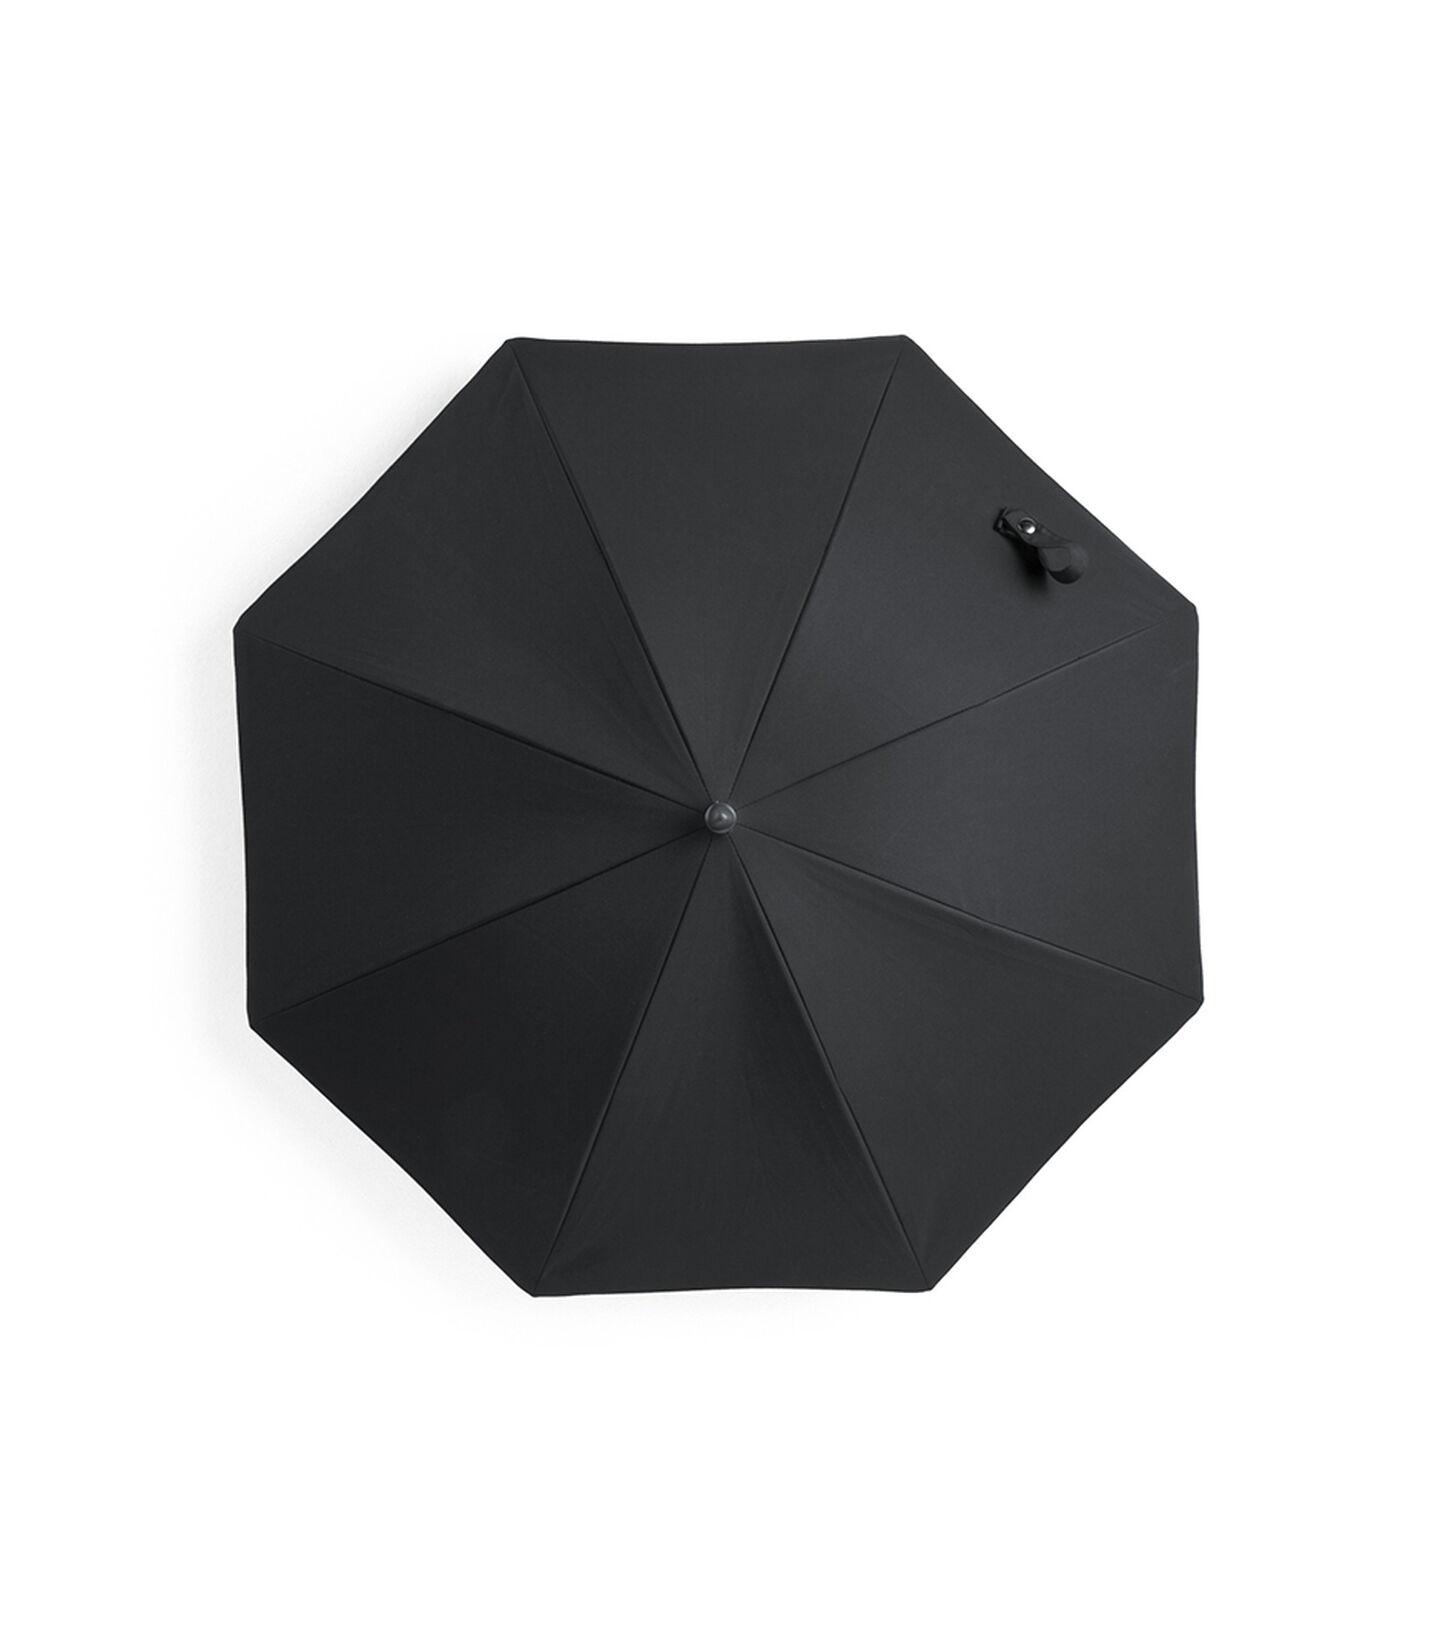 Stokke® Stroller Black Parasol Black, Black, mainview